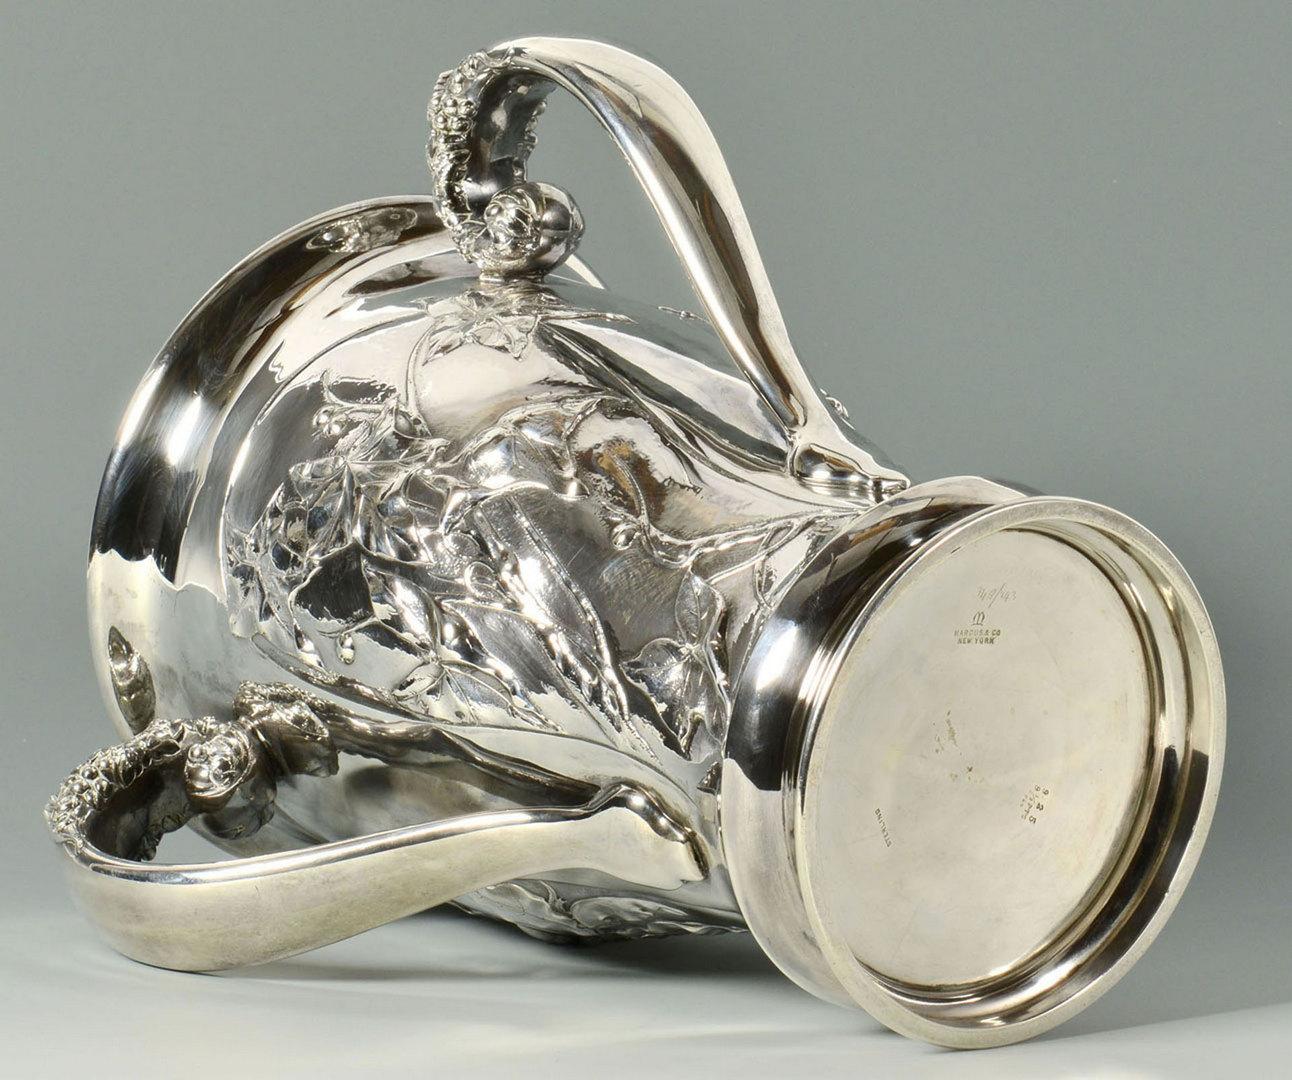 Lot 65: Art Nouveau Sterling Presentation Cup, 70.6 oz tro